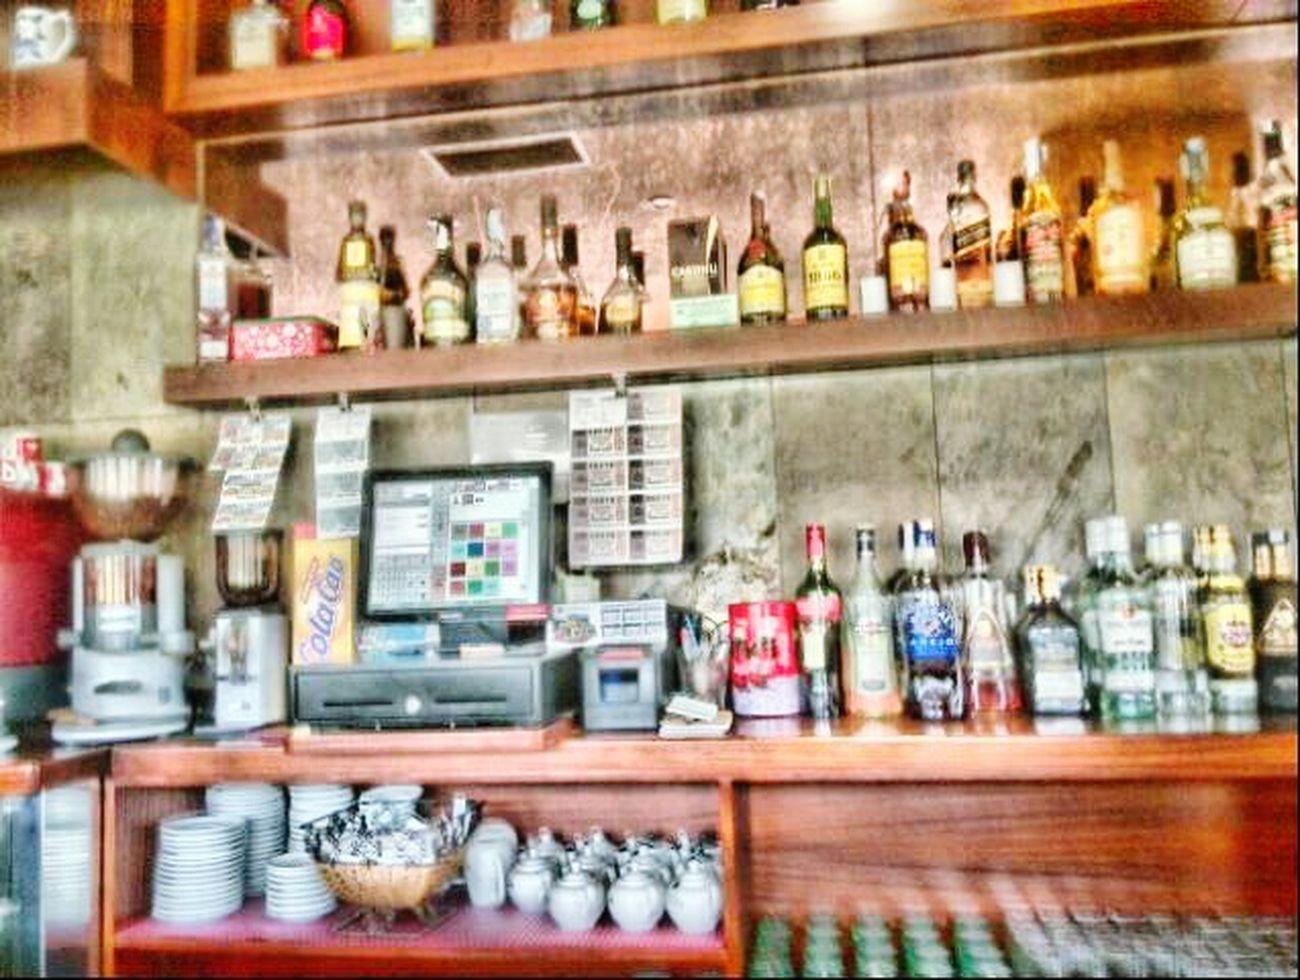 cofe bar